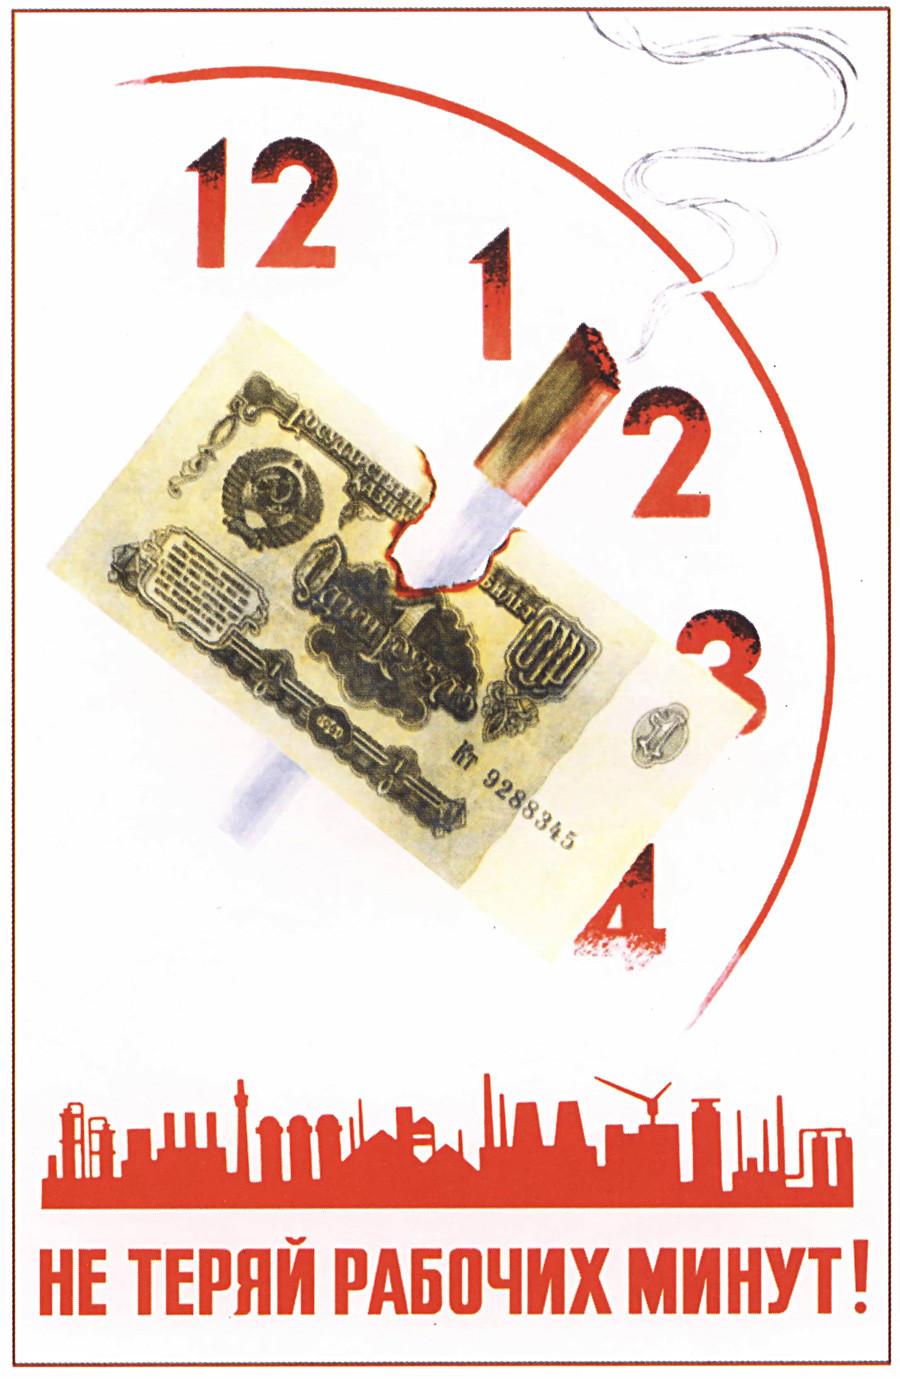 8. ¡No malgastes los valiosos minutos de trabajo!